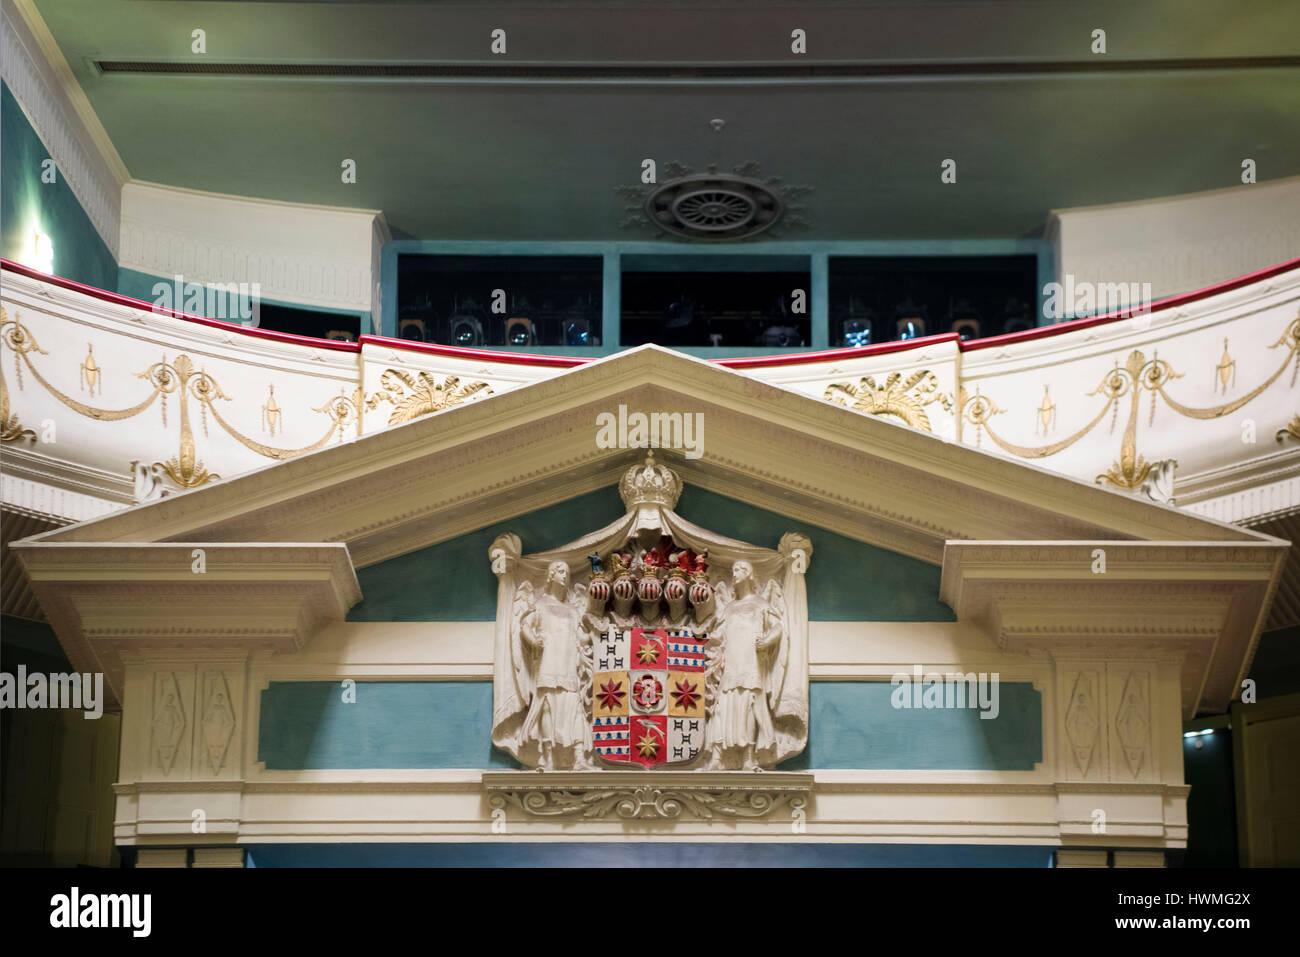 Deutschland, Nordrhein-Westfalen, Detmold, Landestheater Detmold, Fürstlich Lippisches Wappen im Zuschauerraum - Stock Image